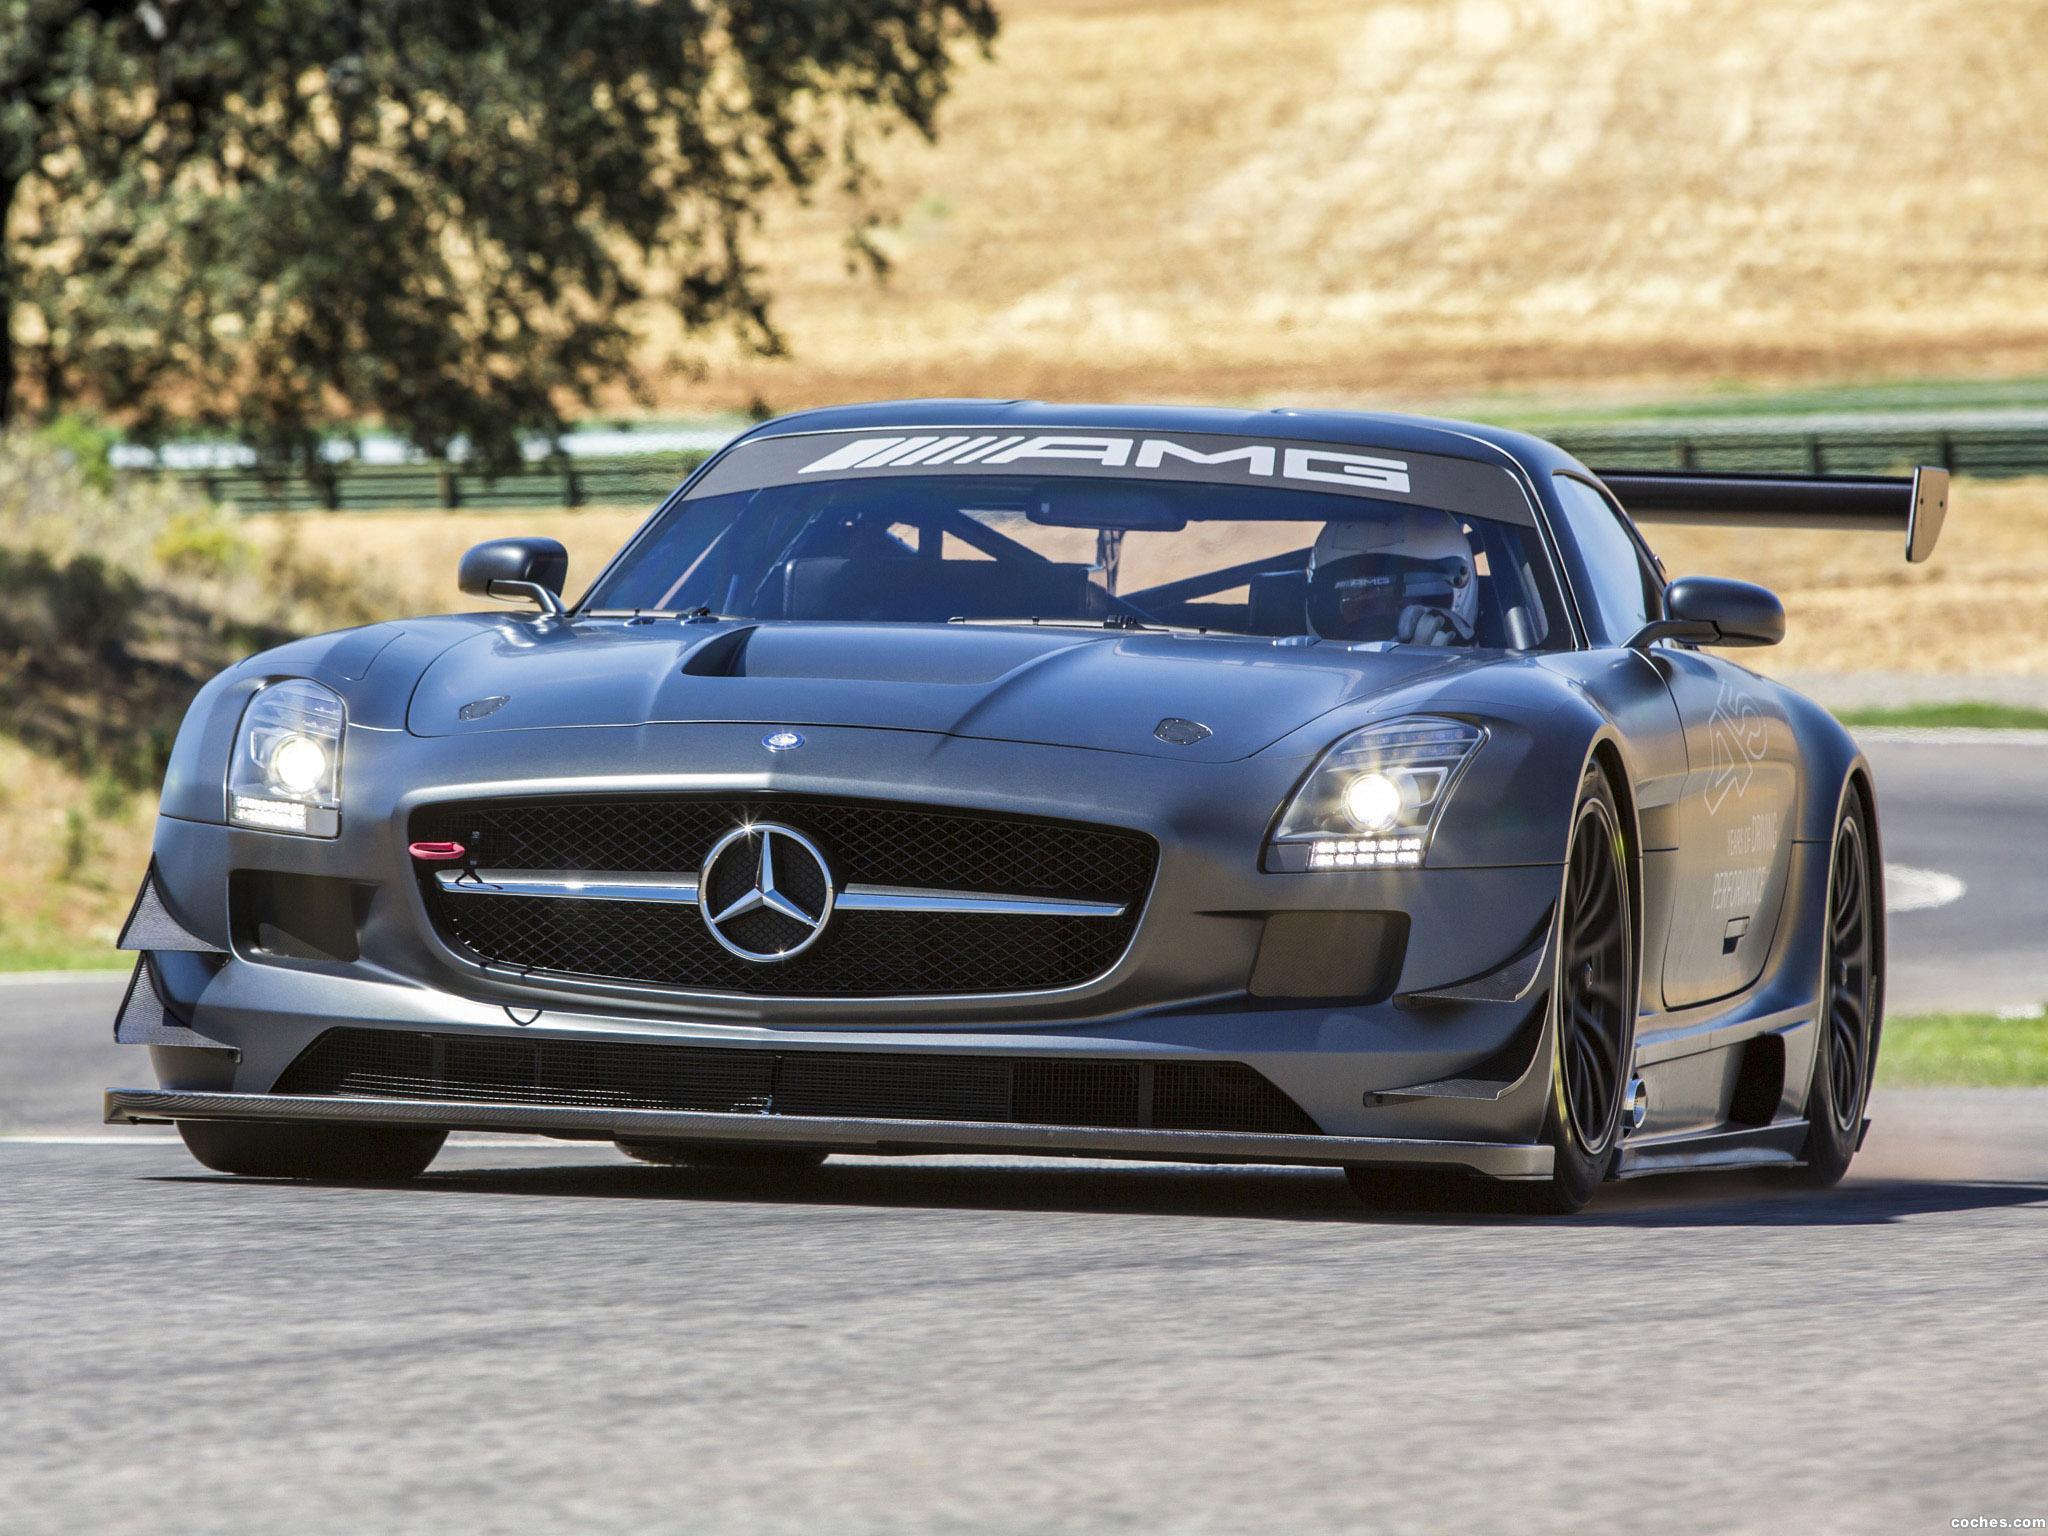 Foto 0 de Mercedes SLS AMG GT3 45th Anniversary C197 2012